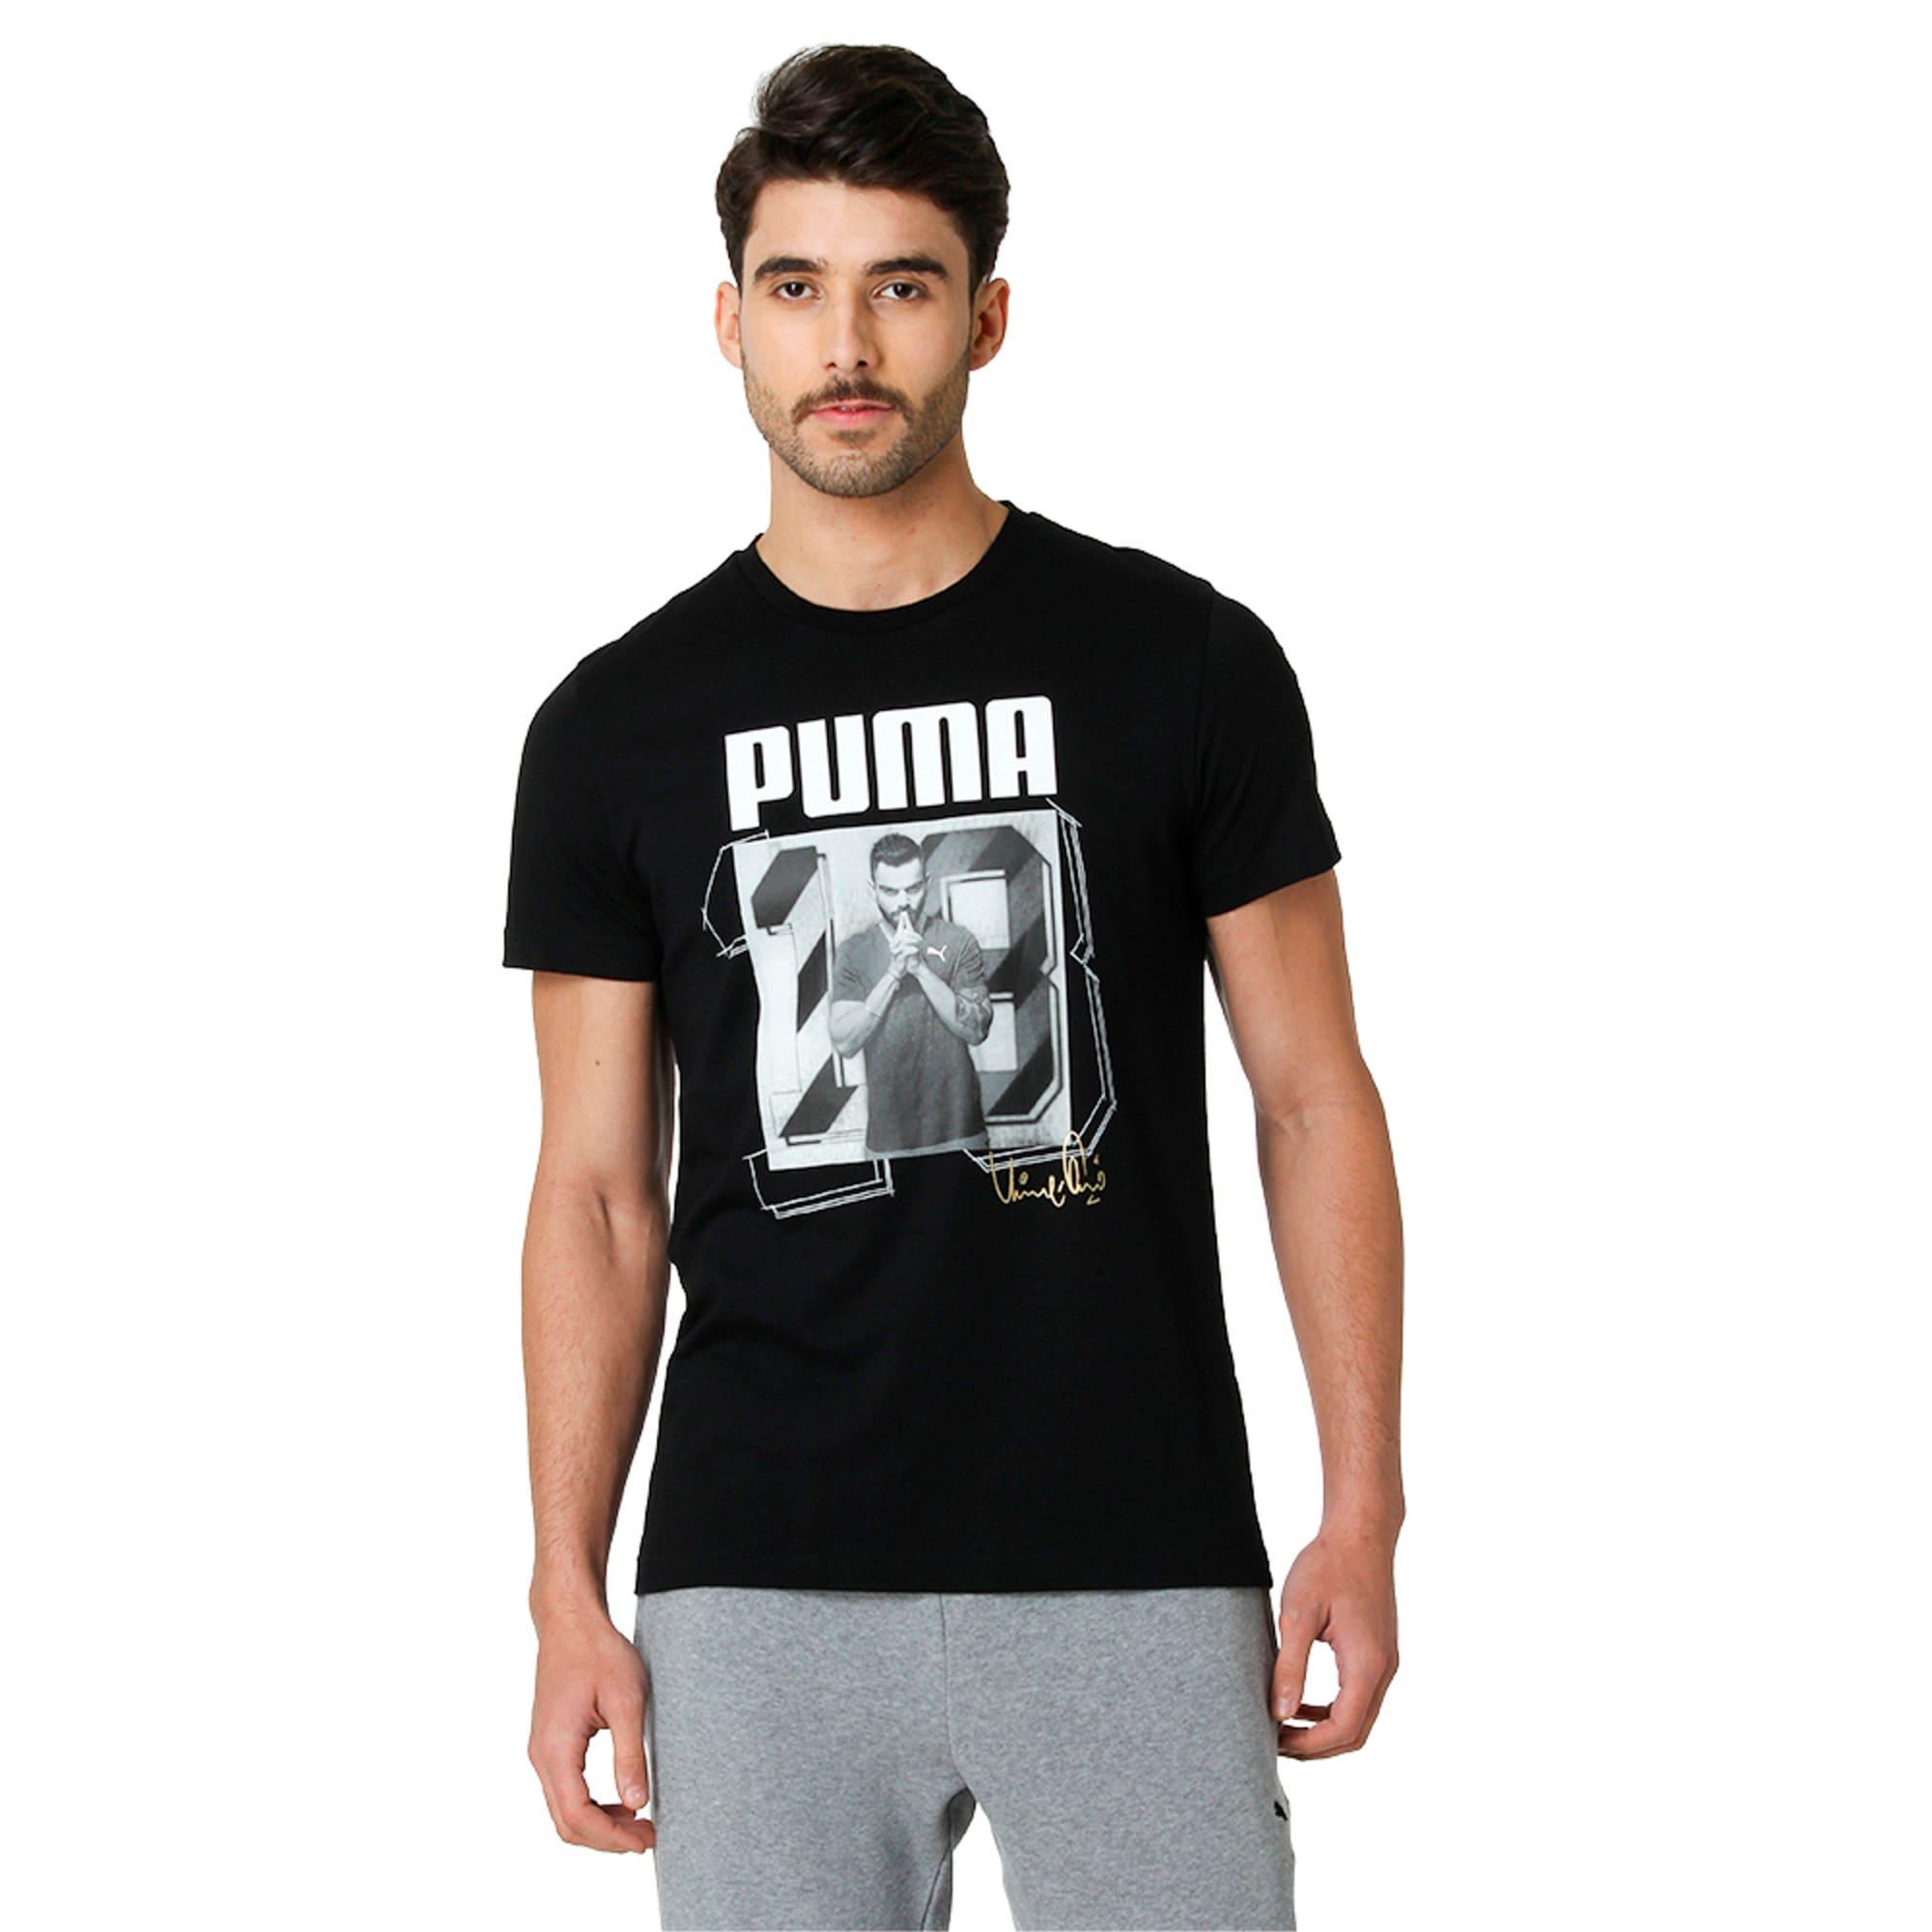 Thumbnail 4 of VK Tee, Puma Black, medium-IND